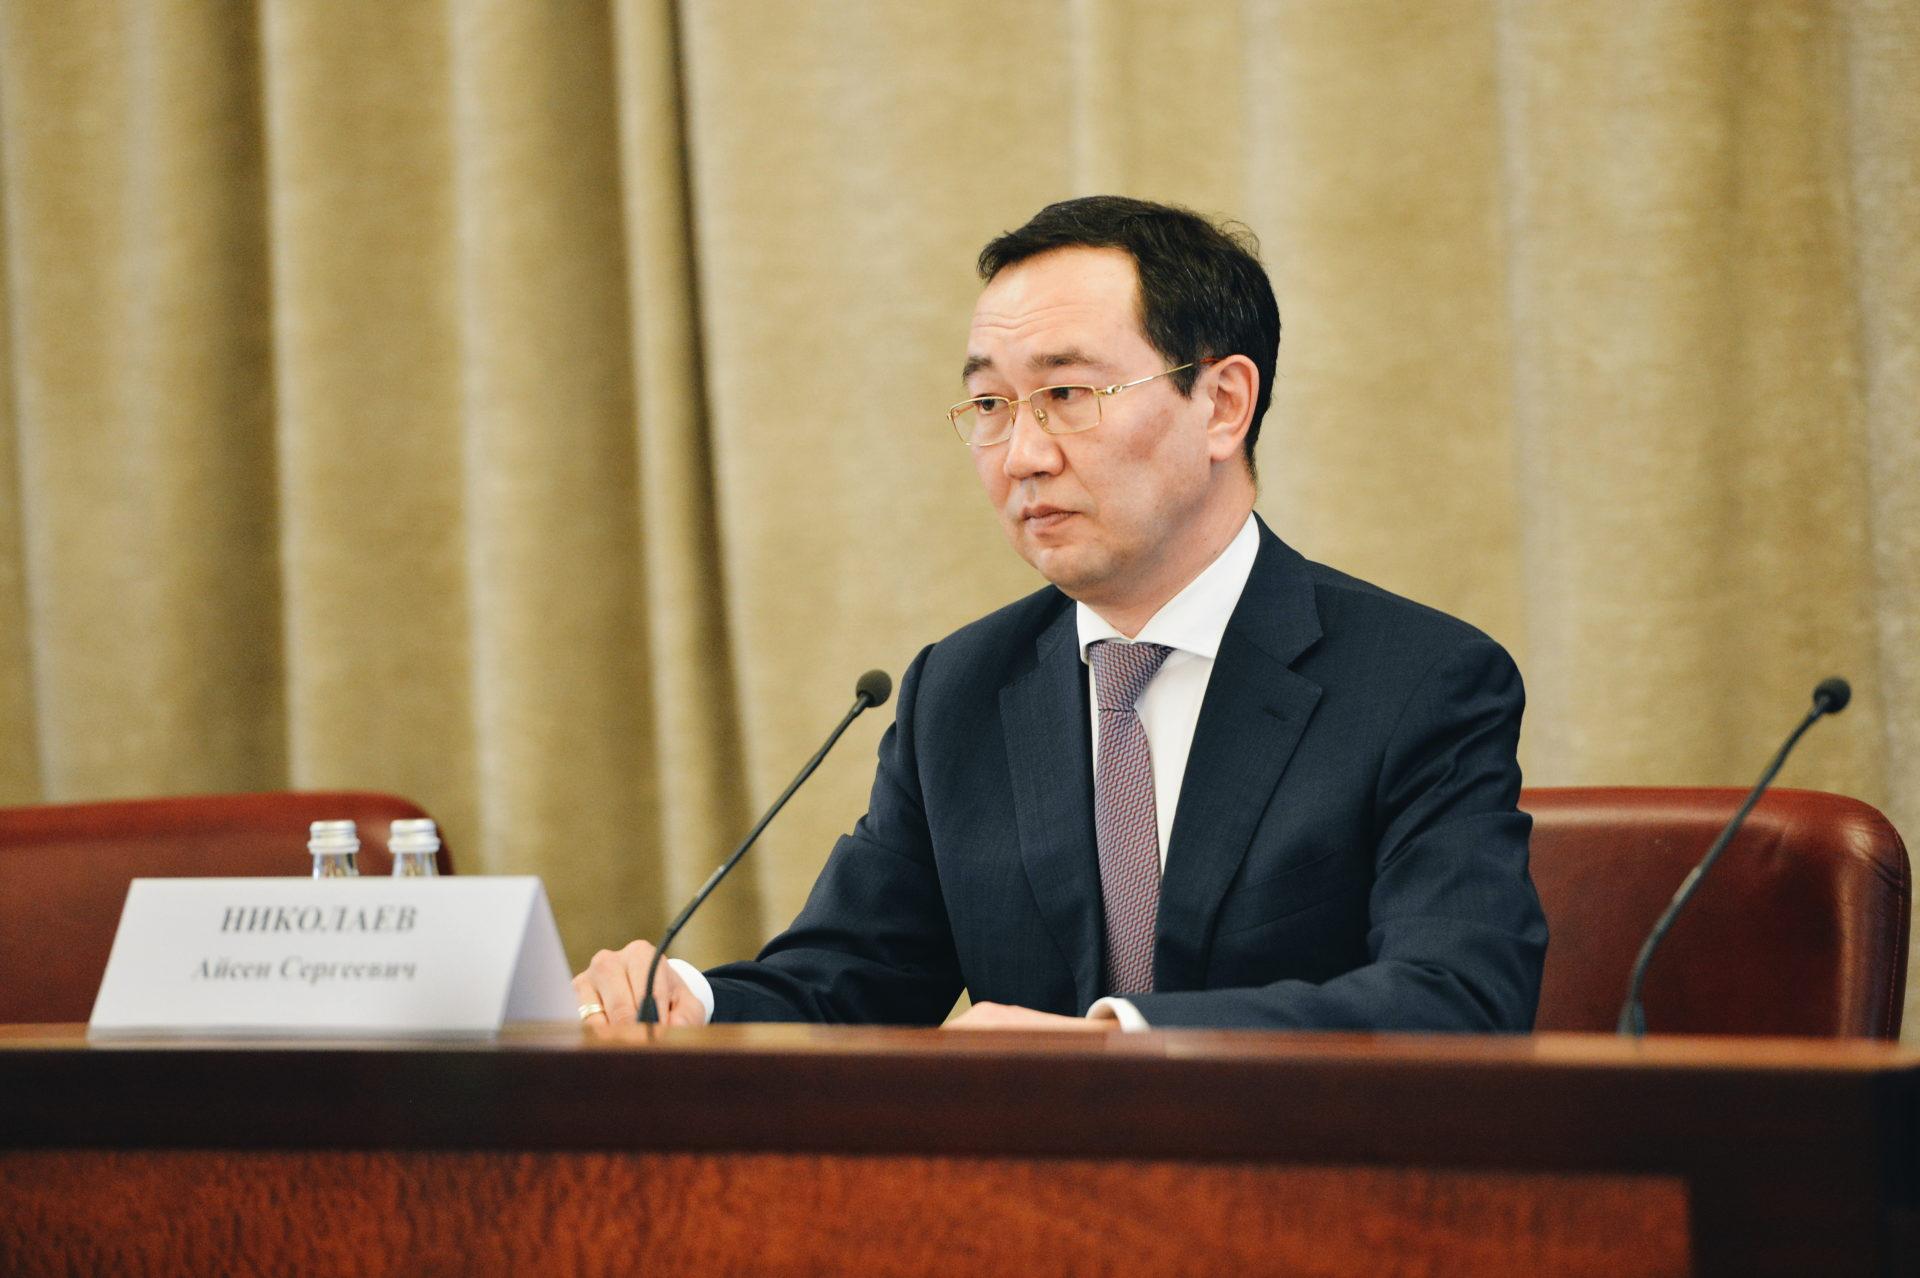 Айсен Николаев возглавил рабочую группу Государственного совета РФ по вопросам развития Дальнего Востока